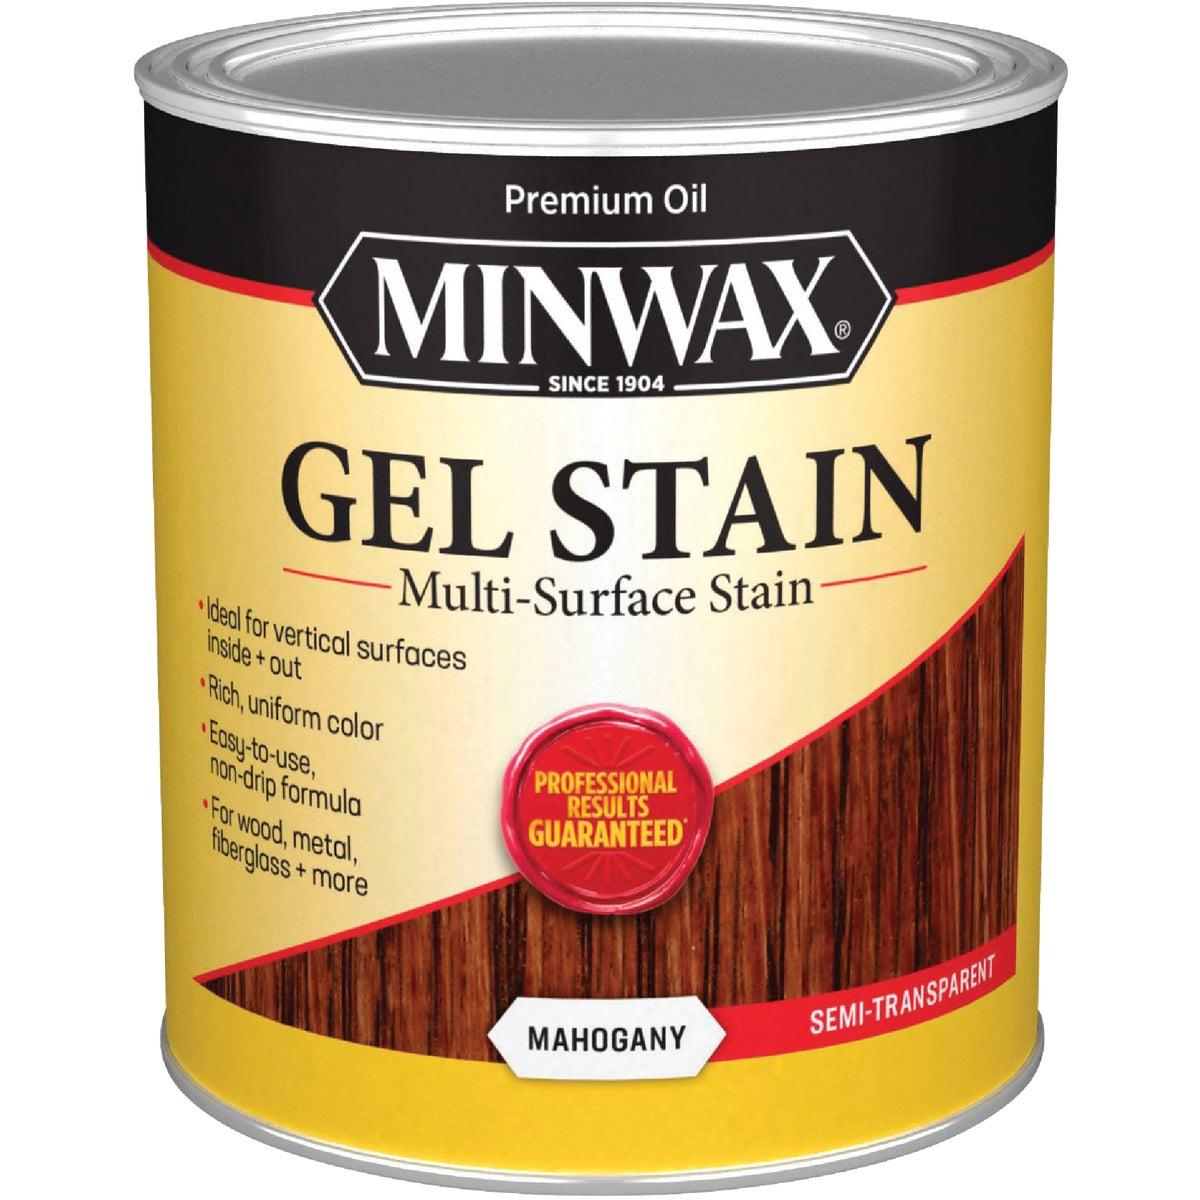 MAHOGANY GEL STAIN - 66050 by Minwax Company